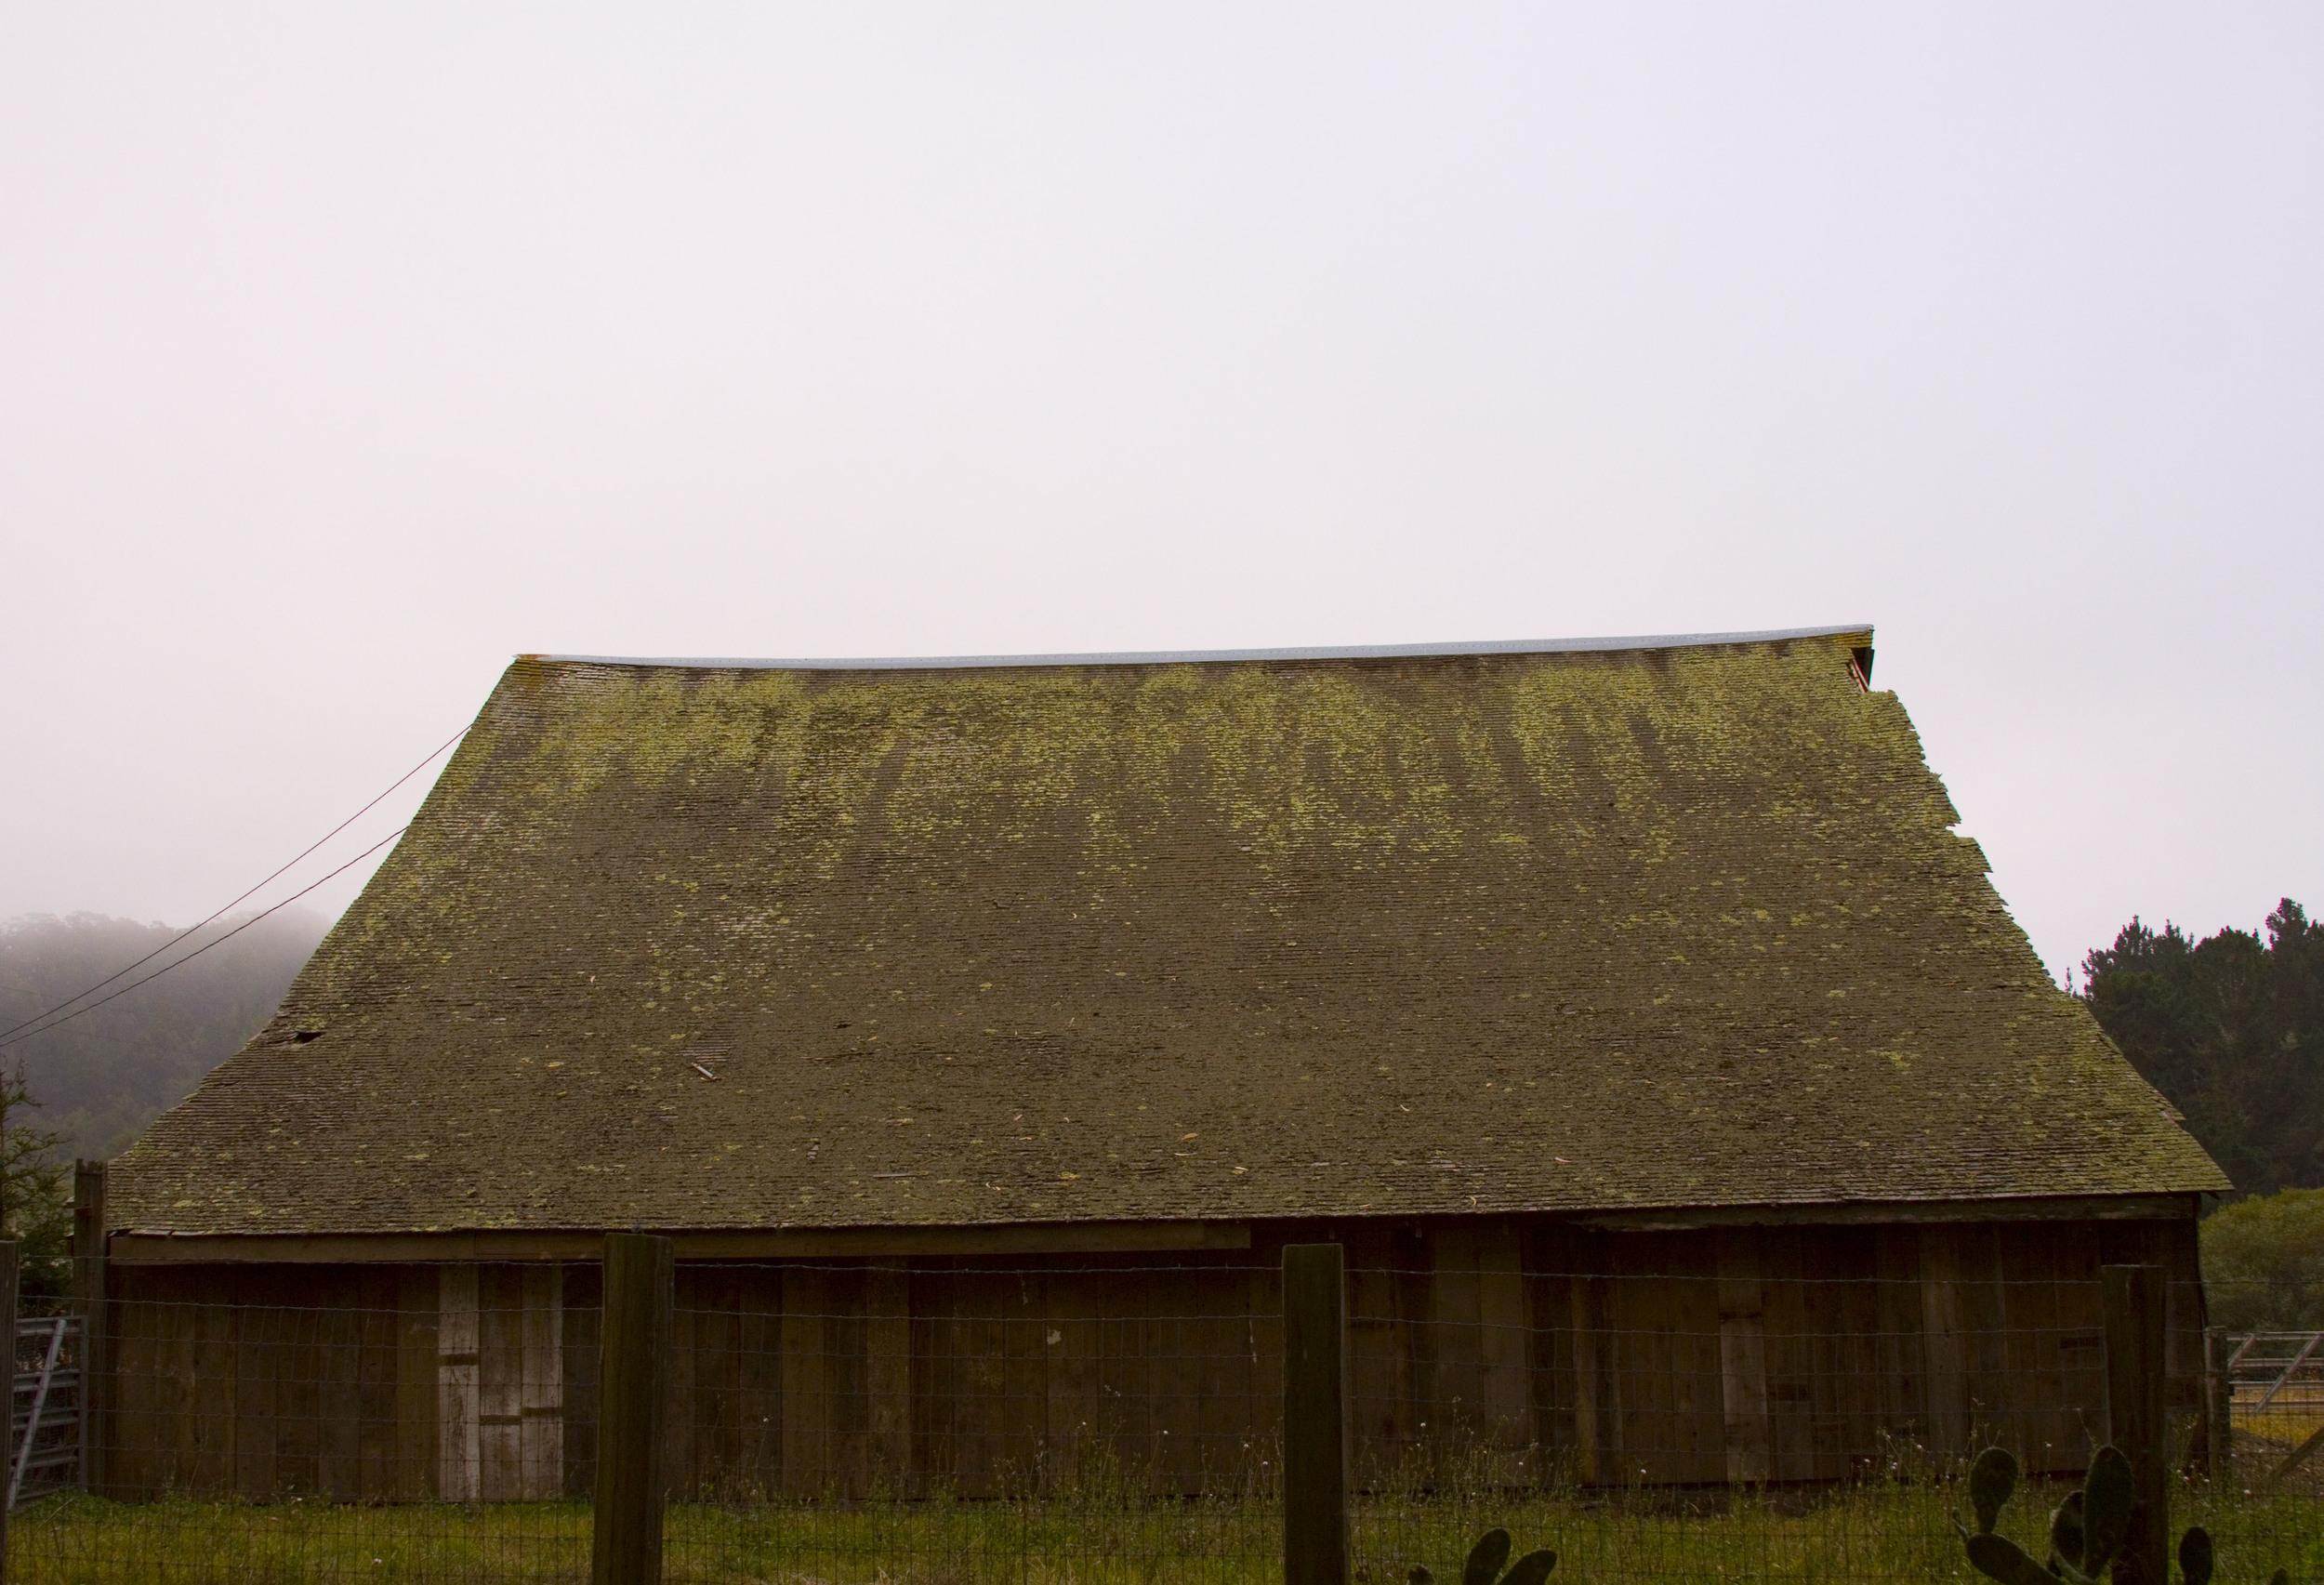 Lost in a Fog_17.jpg